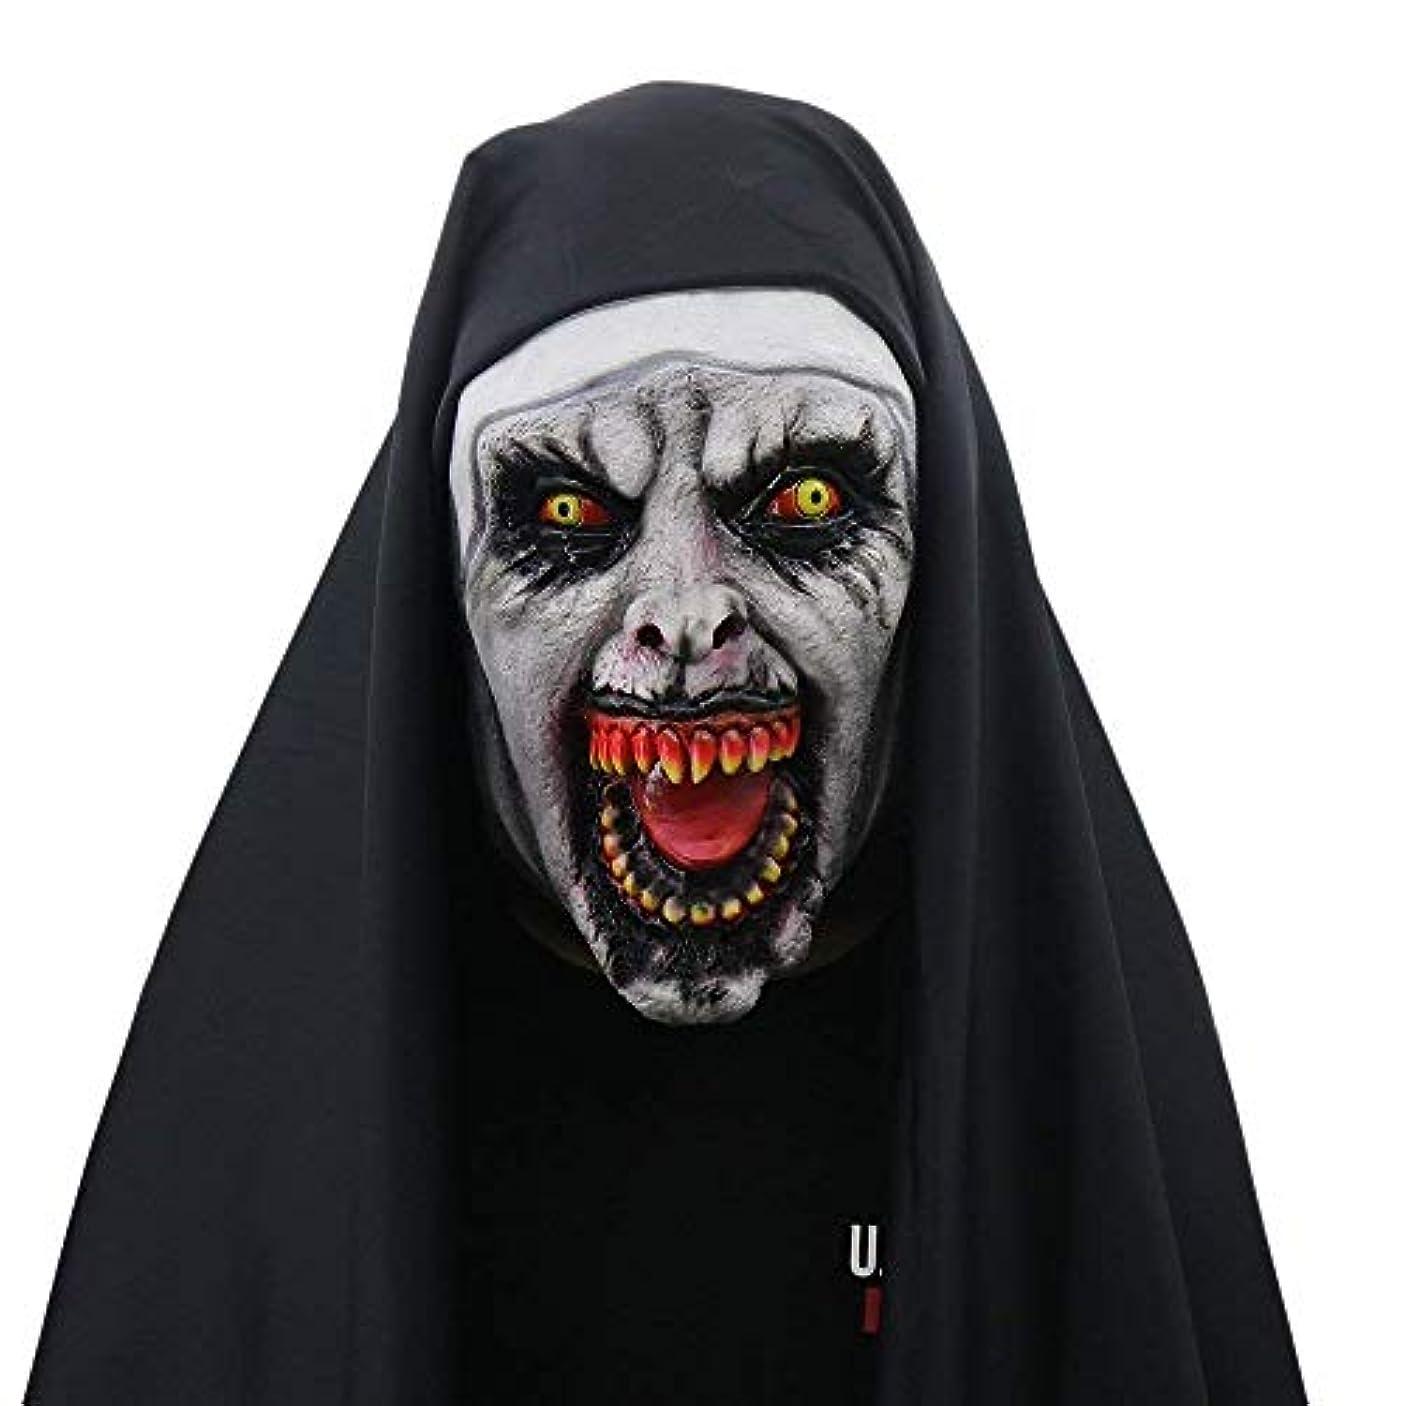 発明する心のこもったストライド女性のためのハロウィン修道女の衣装、修道女仮面の怖いベール